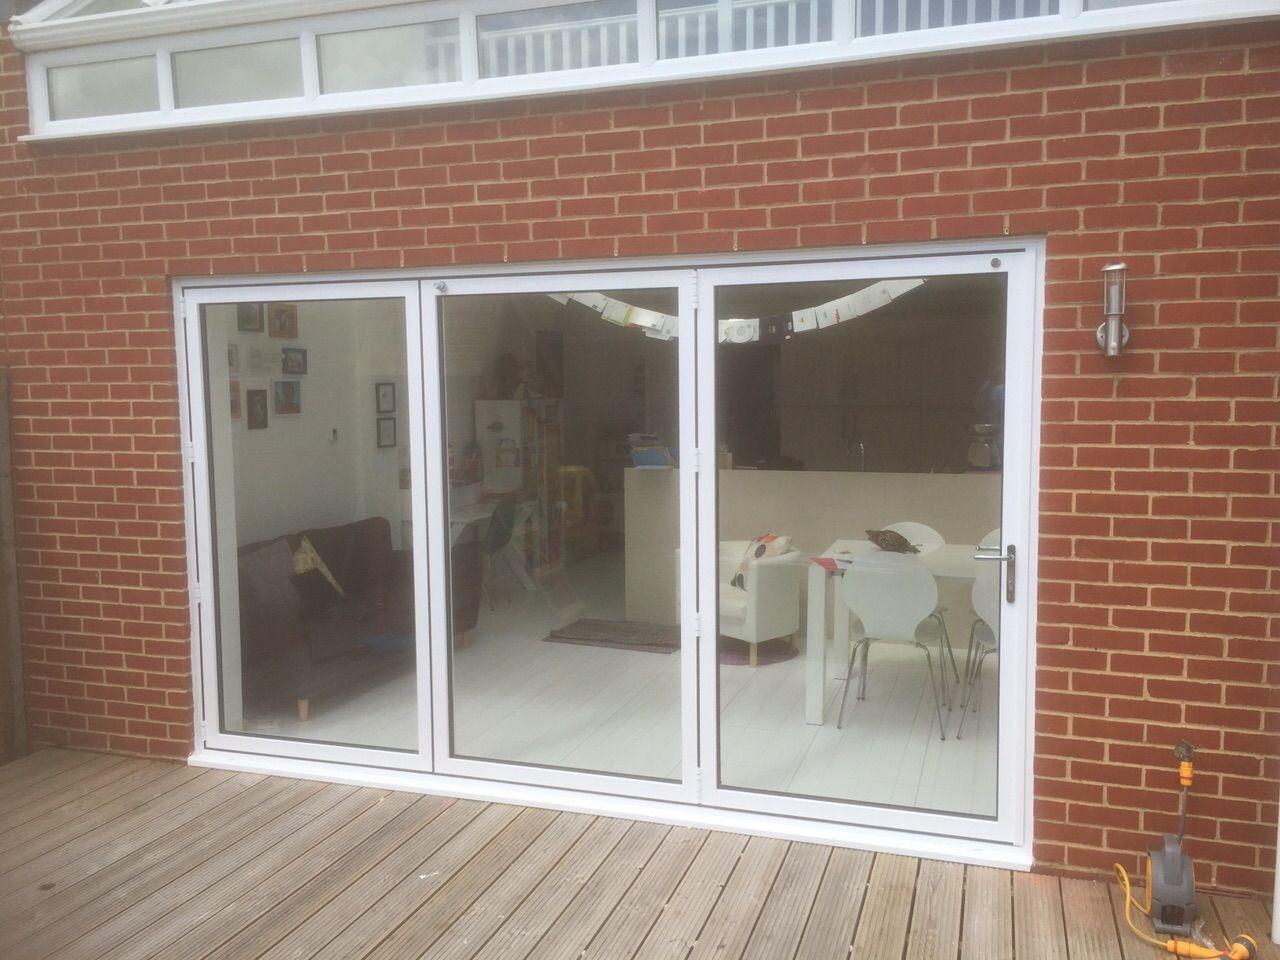 Stunning Aluminium Bi Folding Doors From Bi Folding Door Prices Design Price And Order Instantly Online Avail Bifold Doors Sliding Door Panels Folding Doors